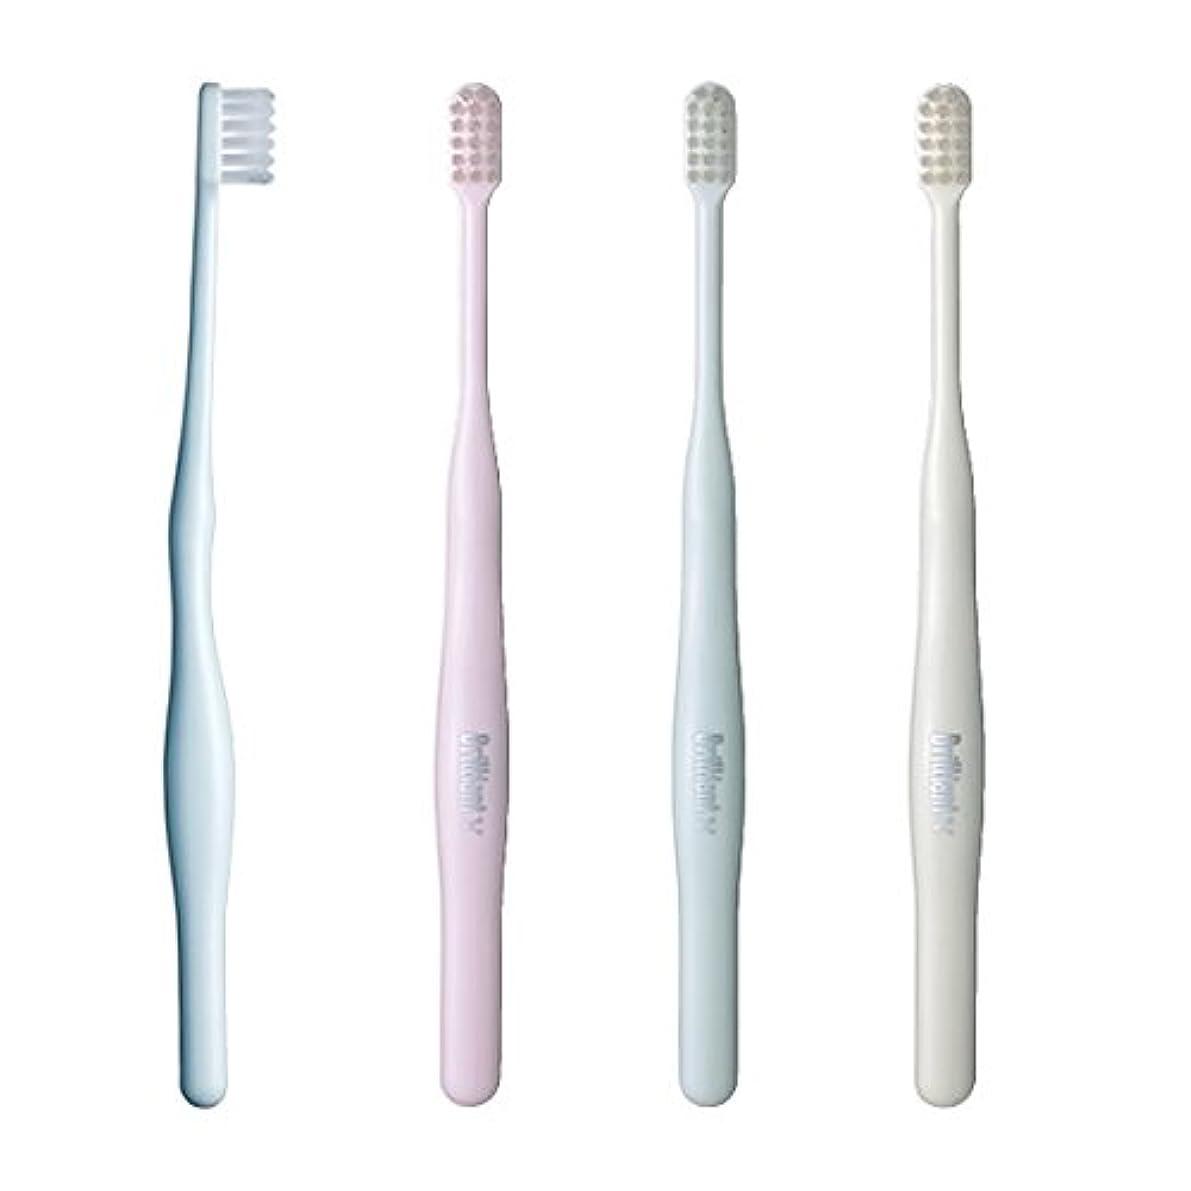 モニカ教室意見ライオン ブリリアントV 歯ブラシ DENT.EX BrilliantV 4本セット カラーアソート